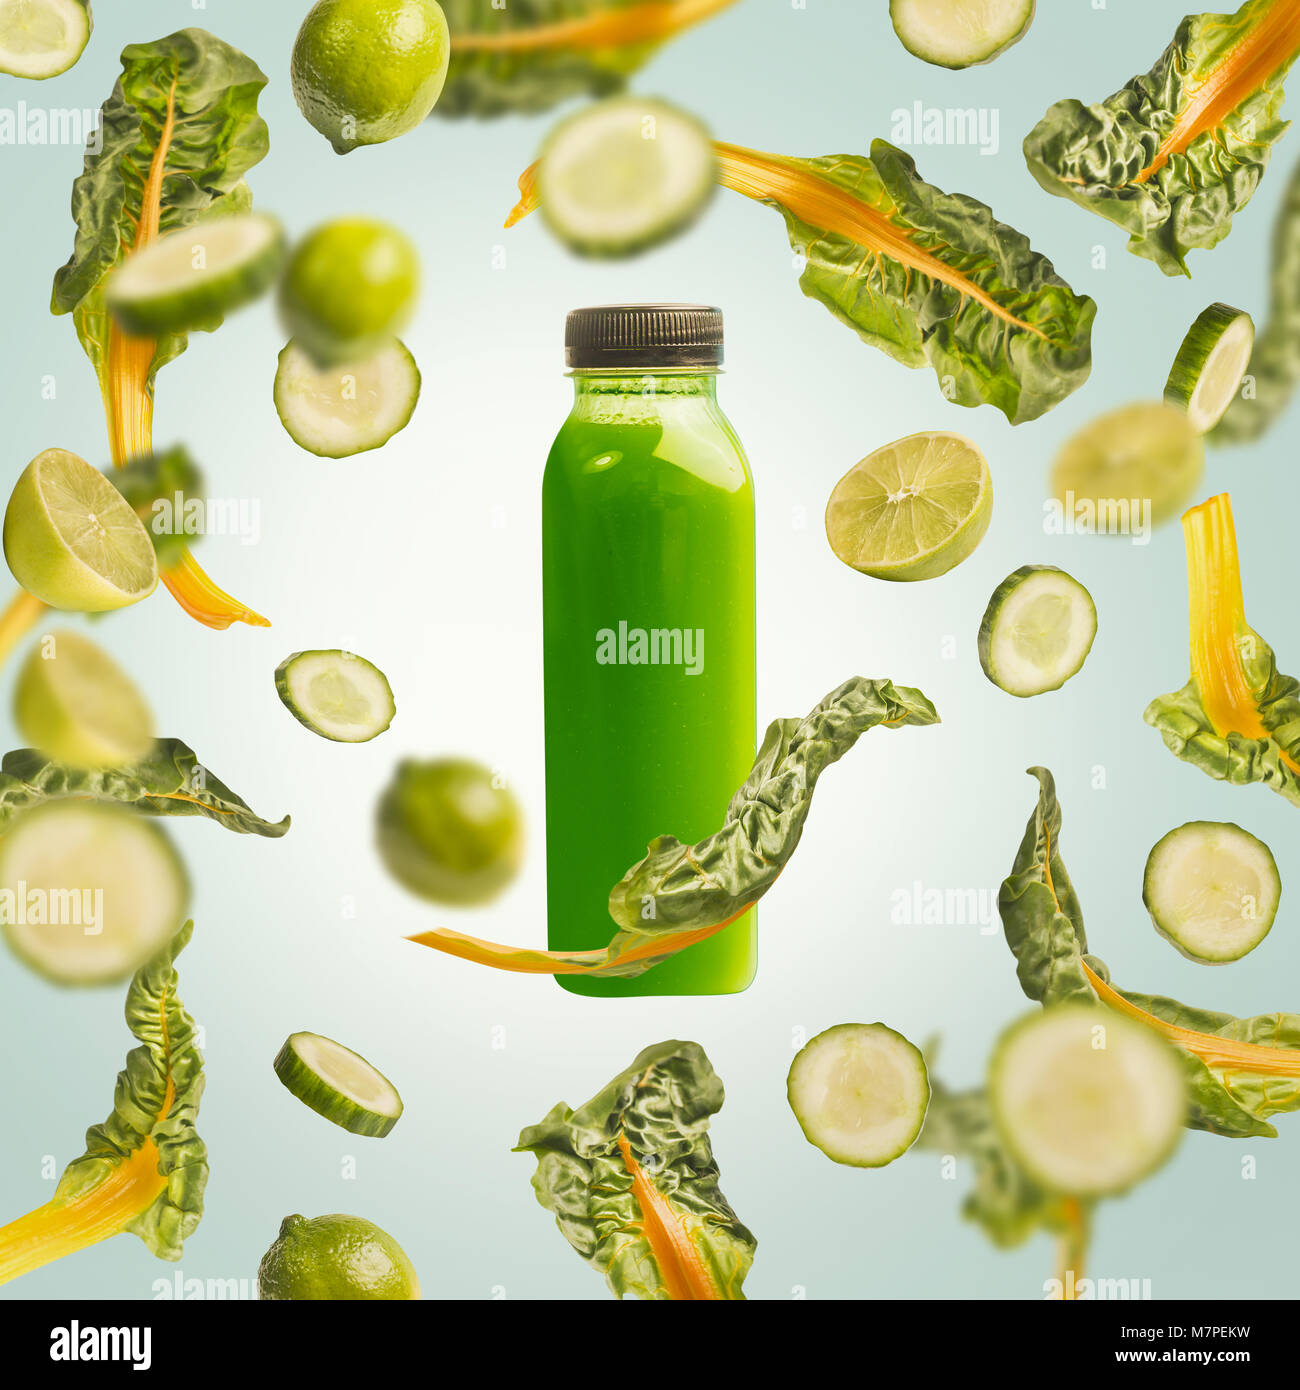 Grüne smoothie Flasche mit Fliegen oder fallende Zutaten ...